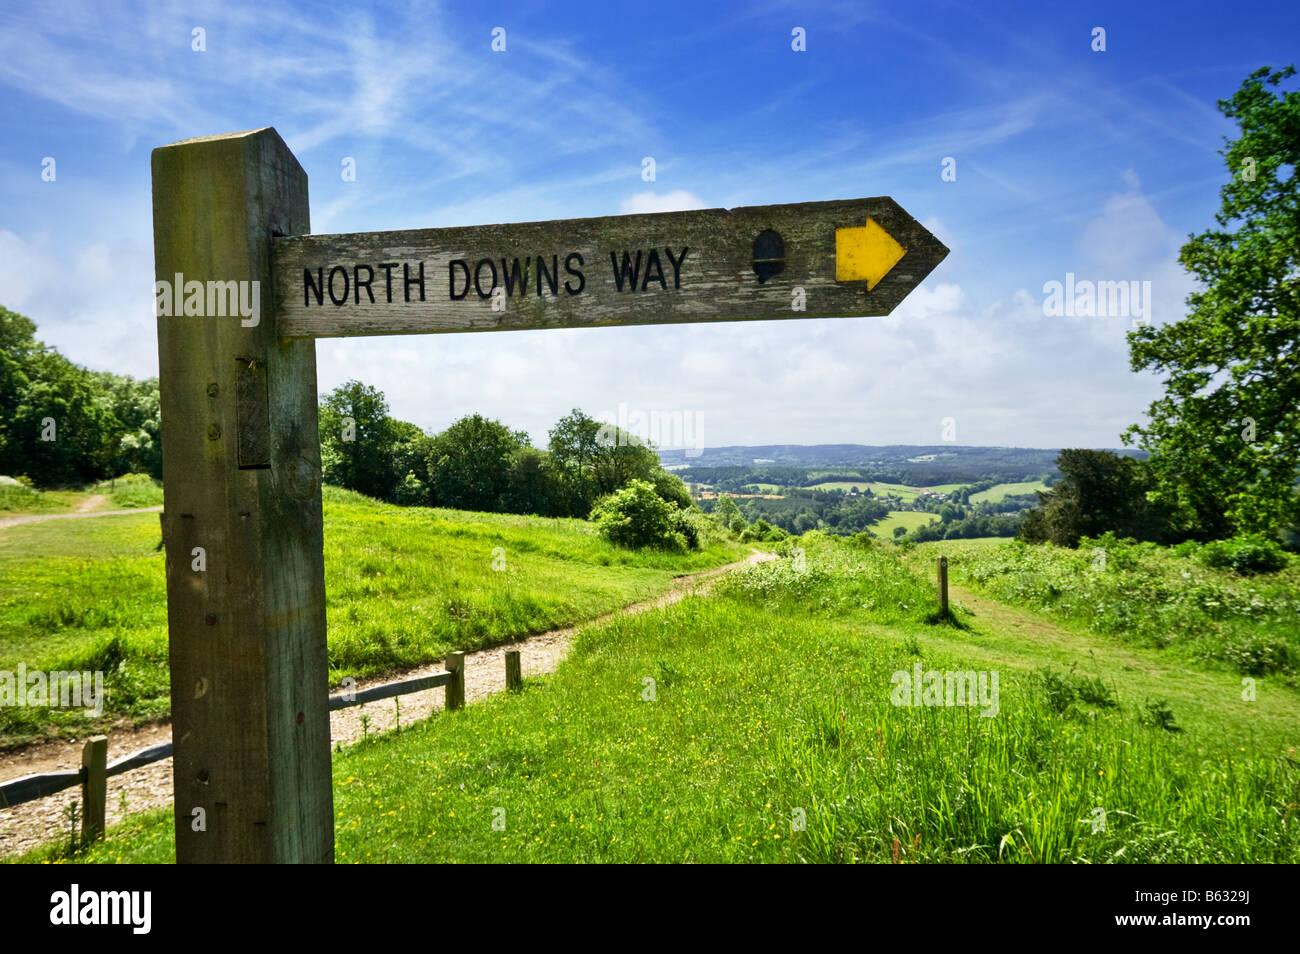 North Downs Way Fußweg Richtung Wegweiser Schild, Newlands Ecke, Surrey Hills, England, Großbritannien Stockbild